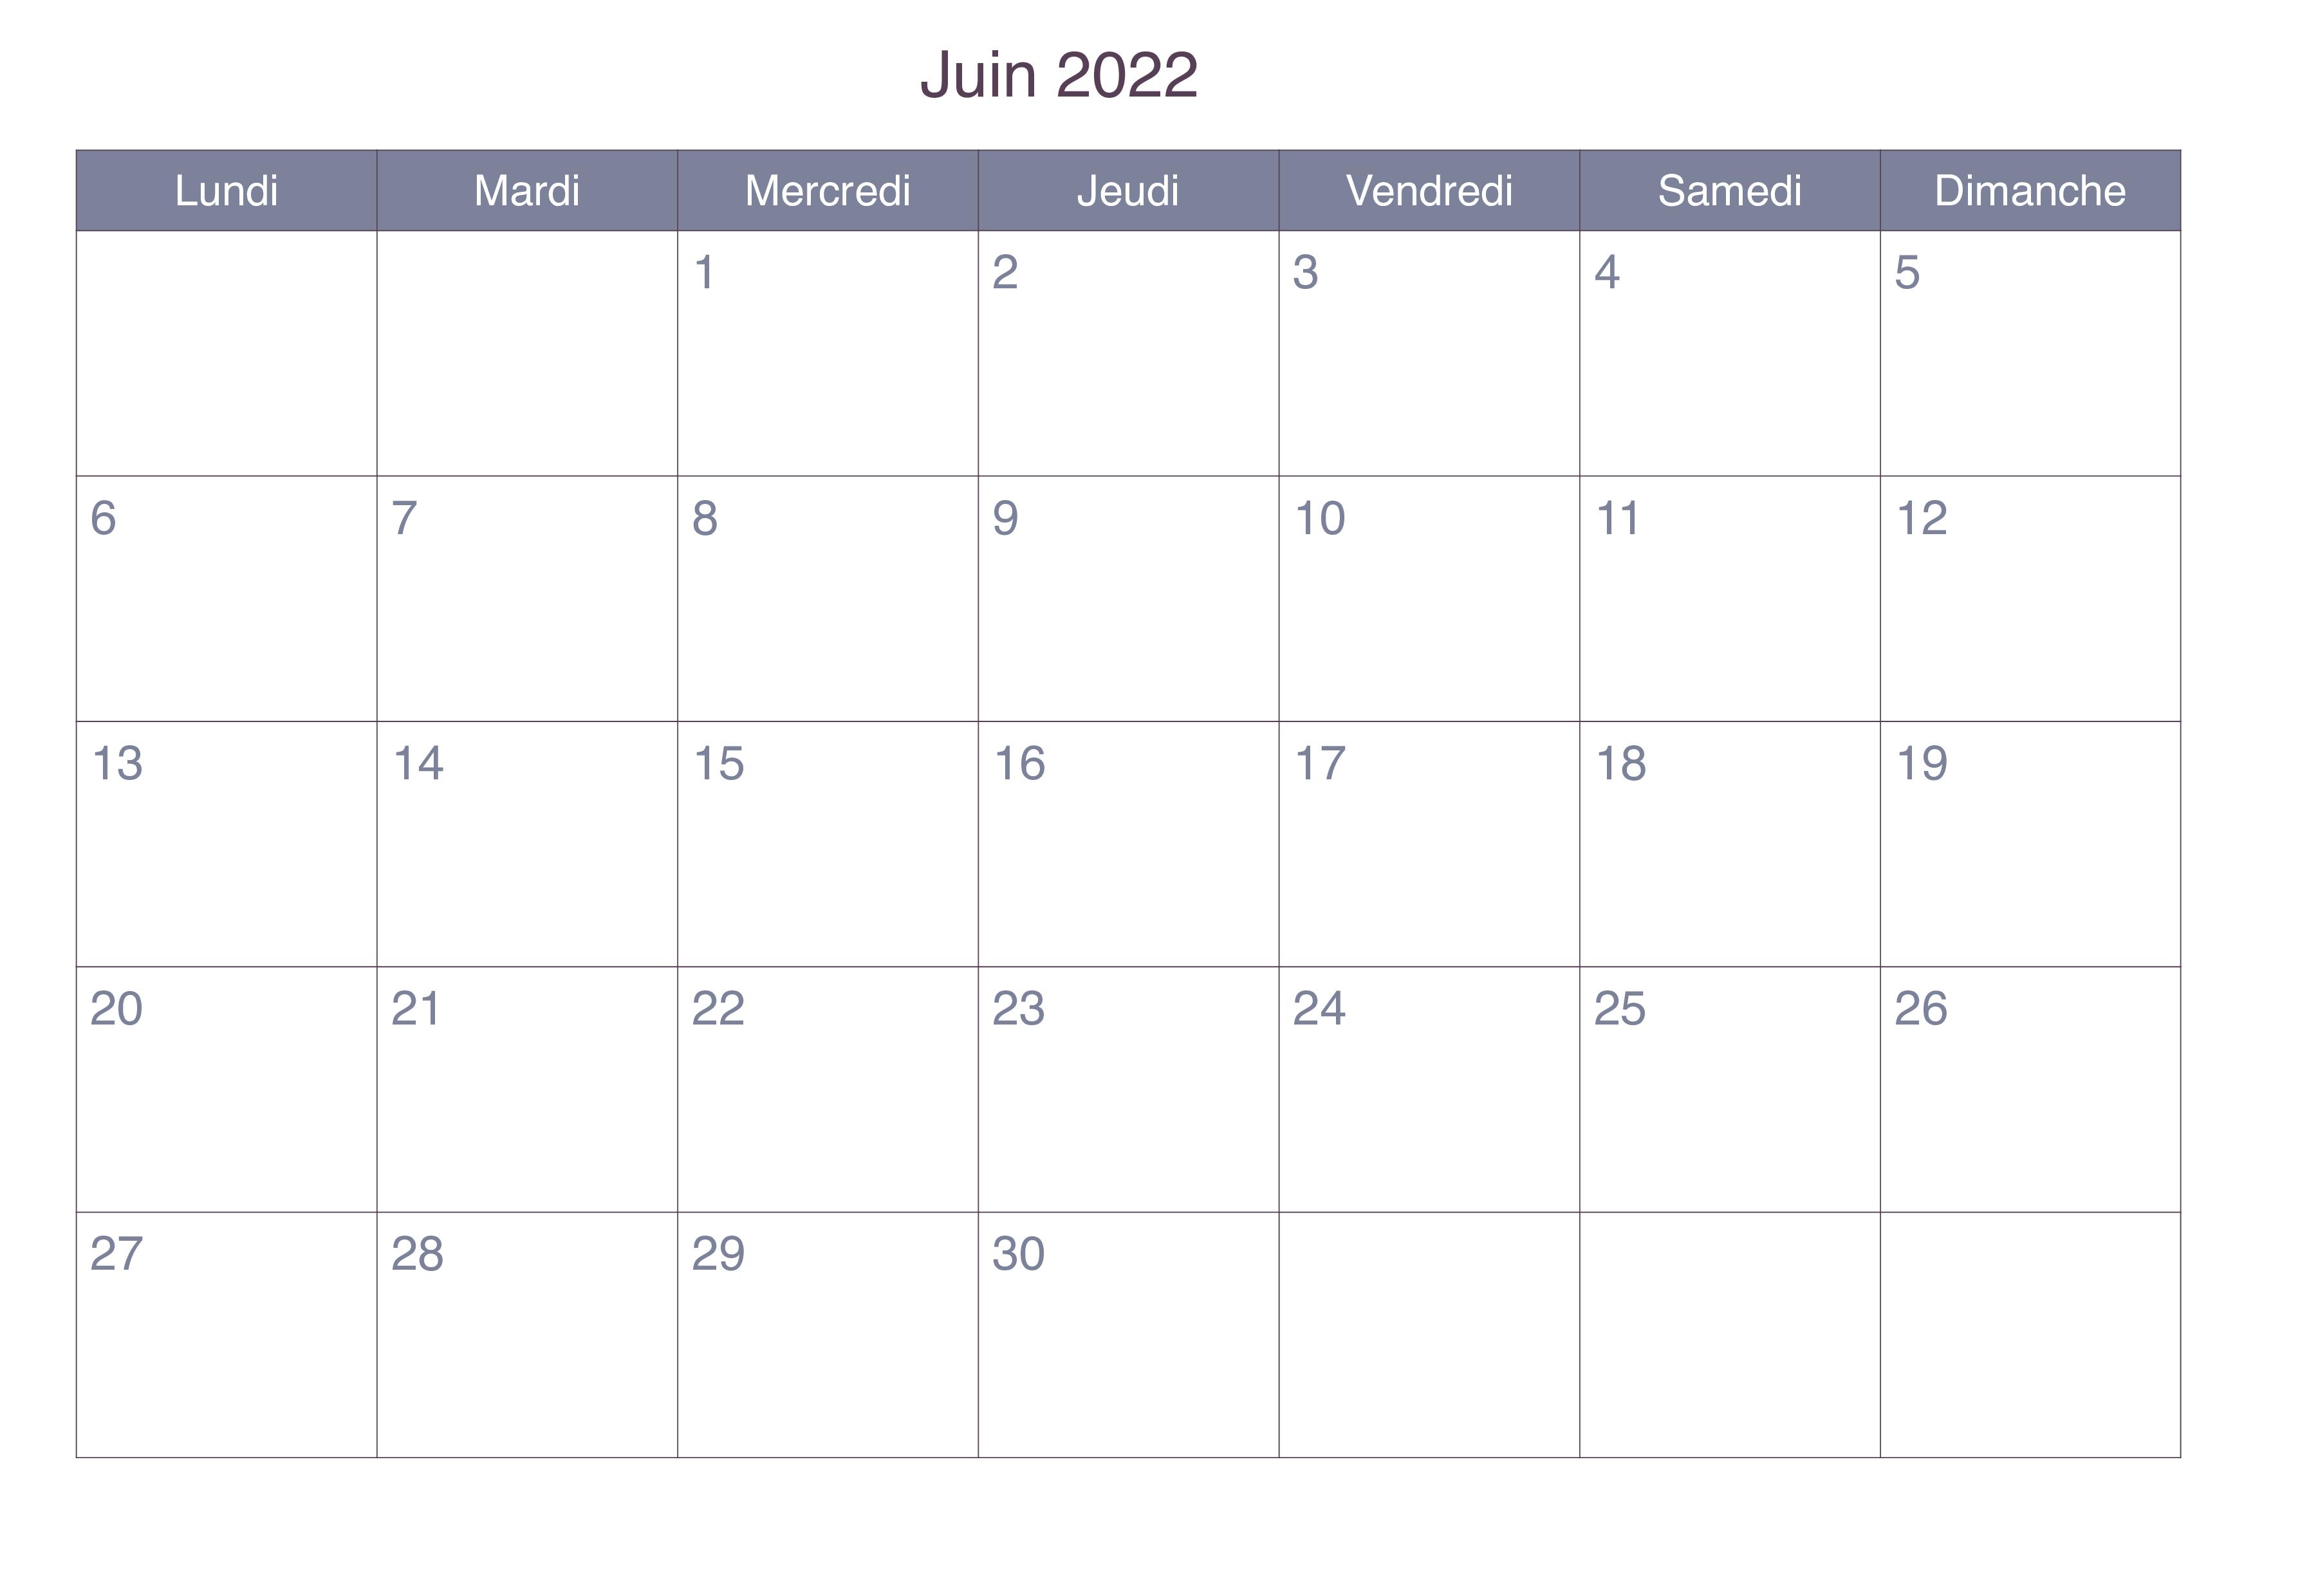 Calendrier Mois de Juin 2022